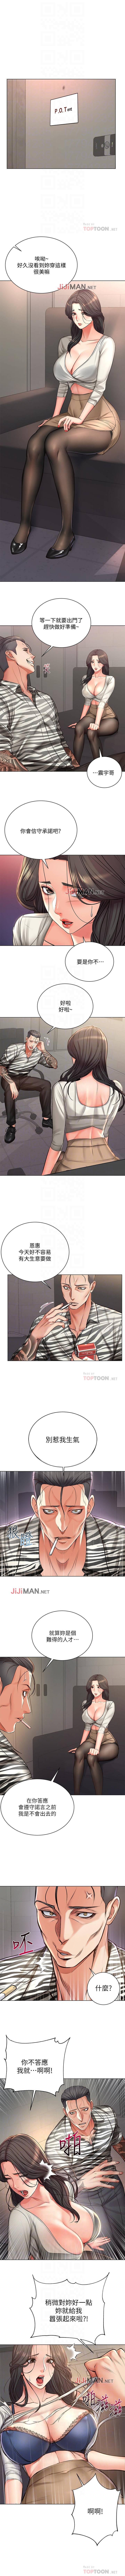 【周三连载】超市的漂亮姐姐(作者:北鼻&逃兵) 第1~40话 233